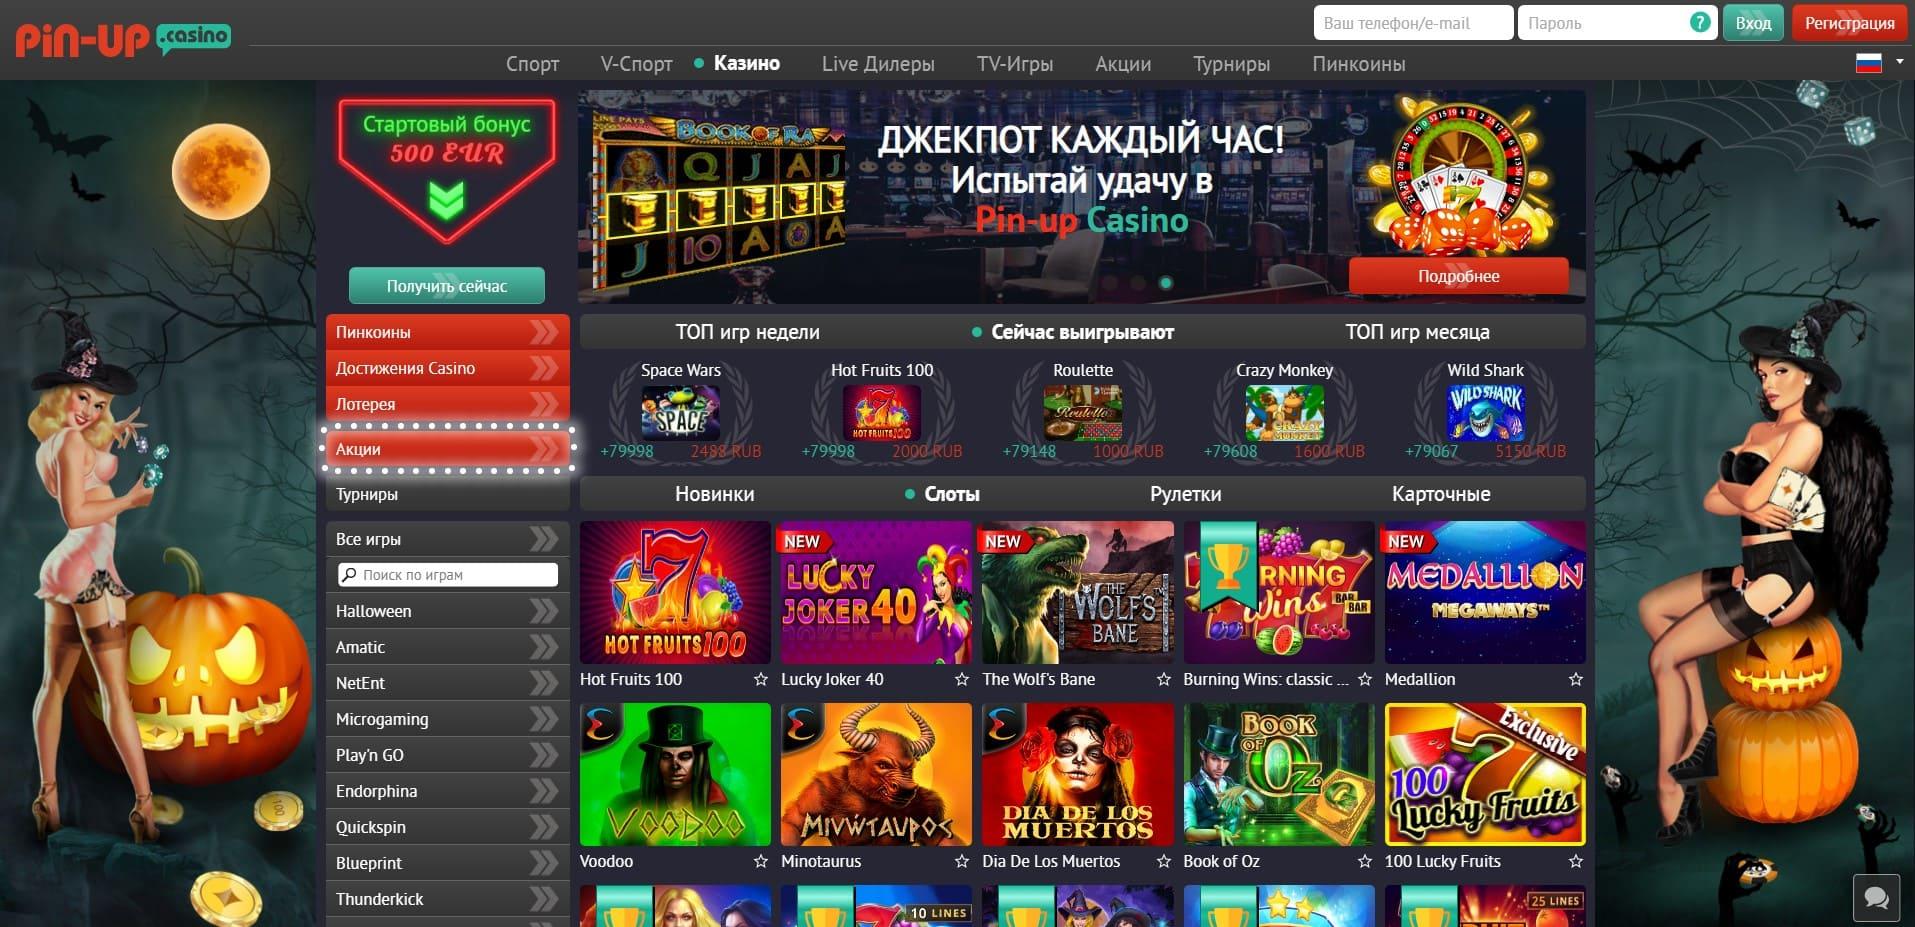 Азартные игры в онлайн казино пин ап